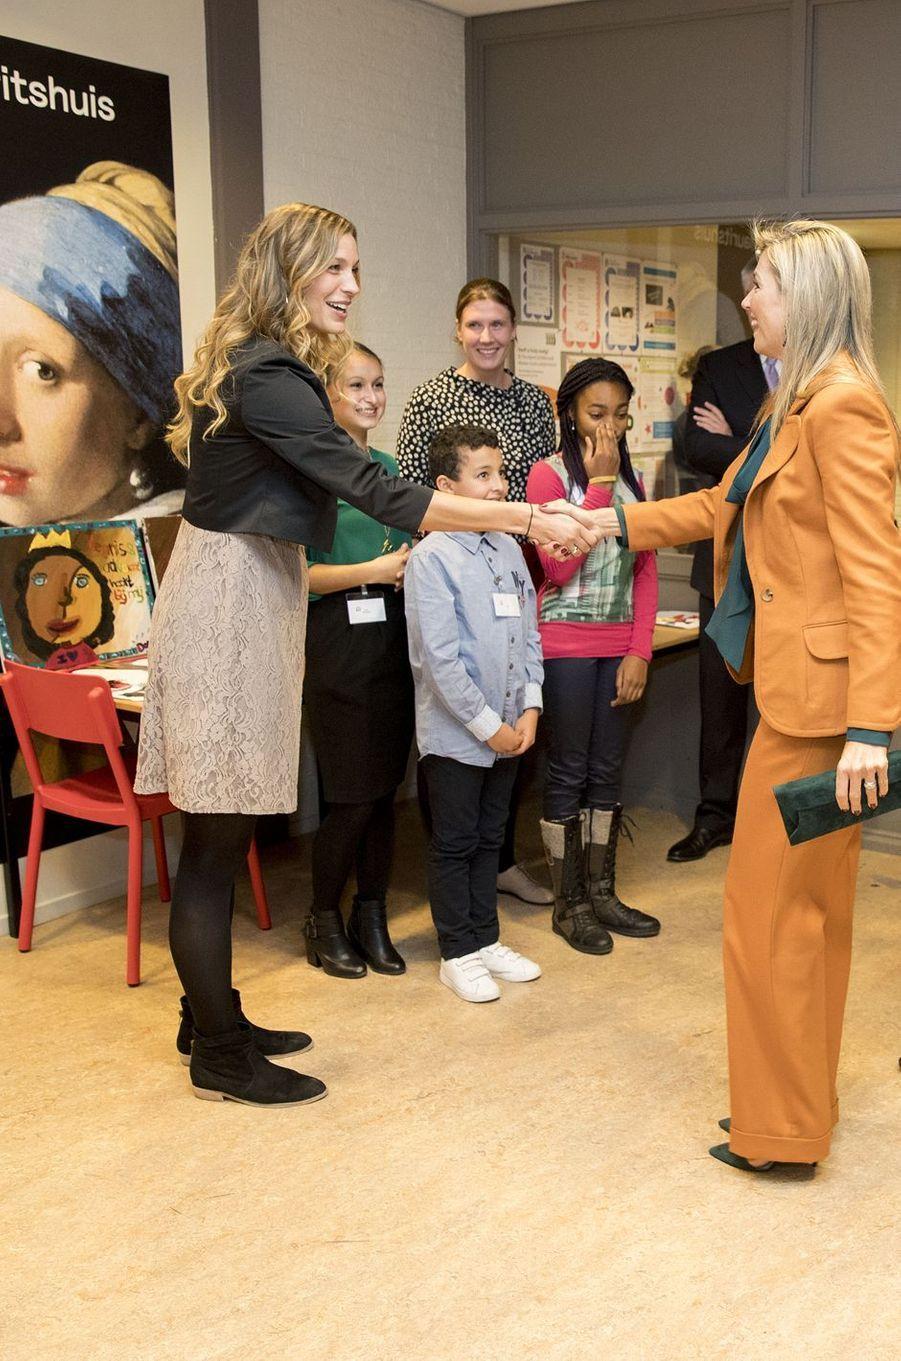 La reine Maxima des Pays-Bas dans une maison de quartier à La Haye, le 17 novembre 2016